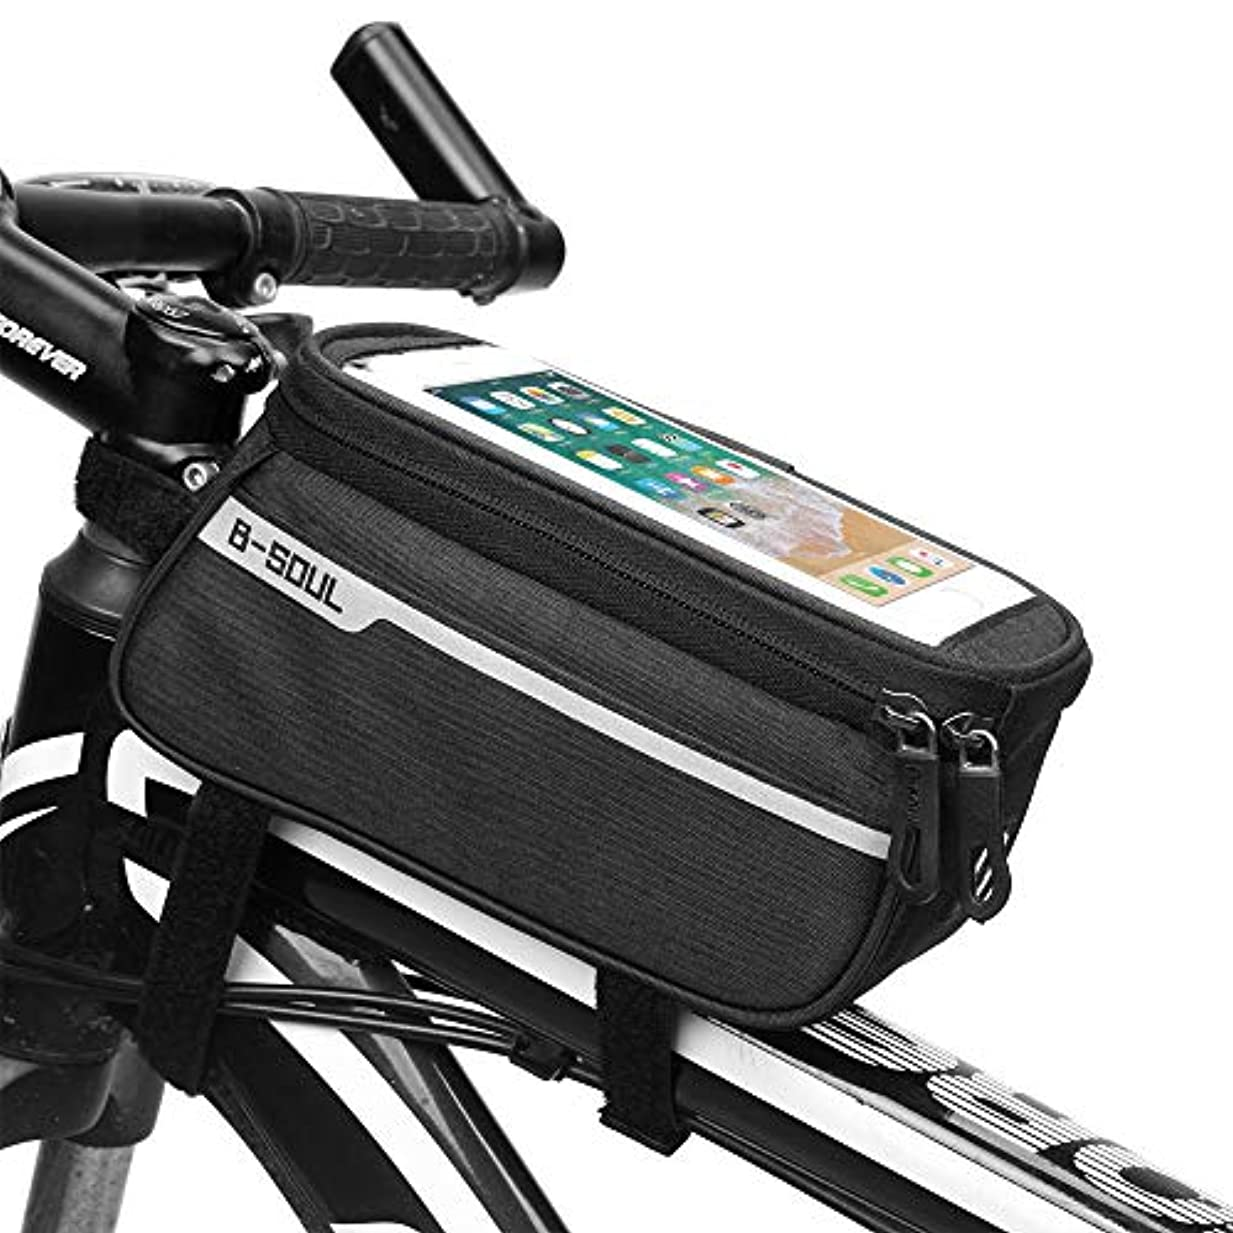 その結果エトナ山素晴らしき自転車サドルバッグマウンテンバイクバッグフロントビームバッグ自転車バッグロードカーフロントバッグ乗馬用品サドルバッグチューブバッグ サドルバッグ?フレームバッグ (色 : ブラック)